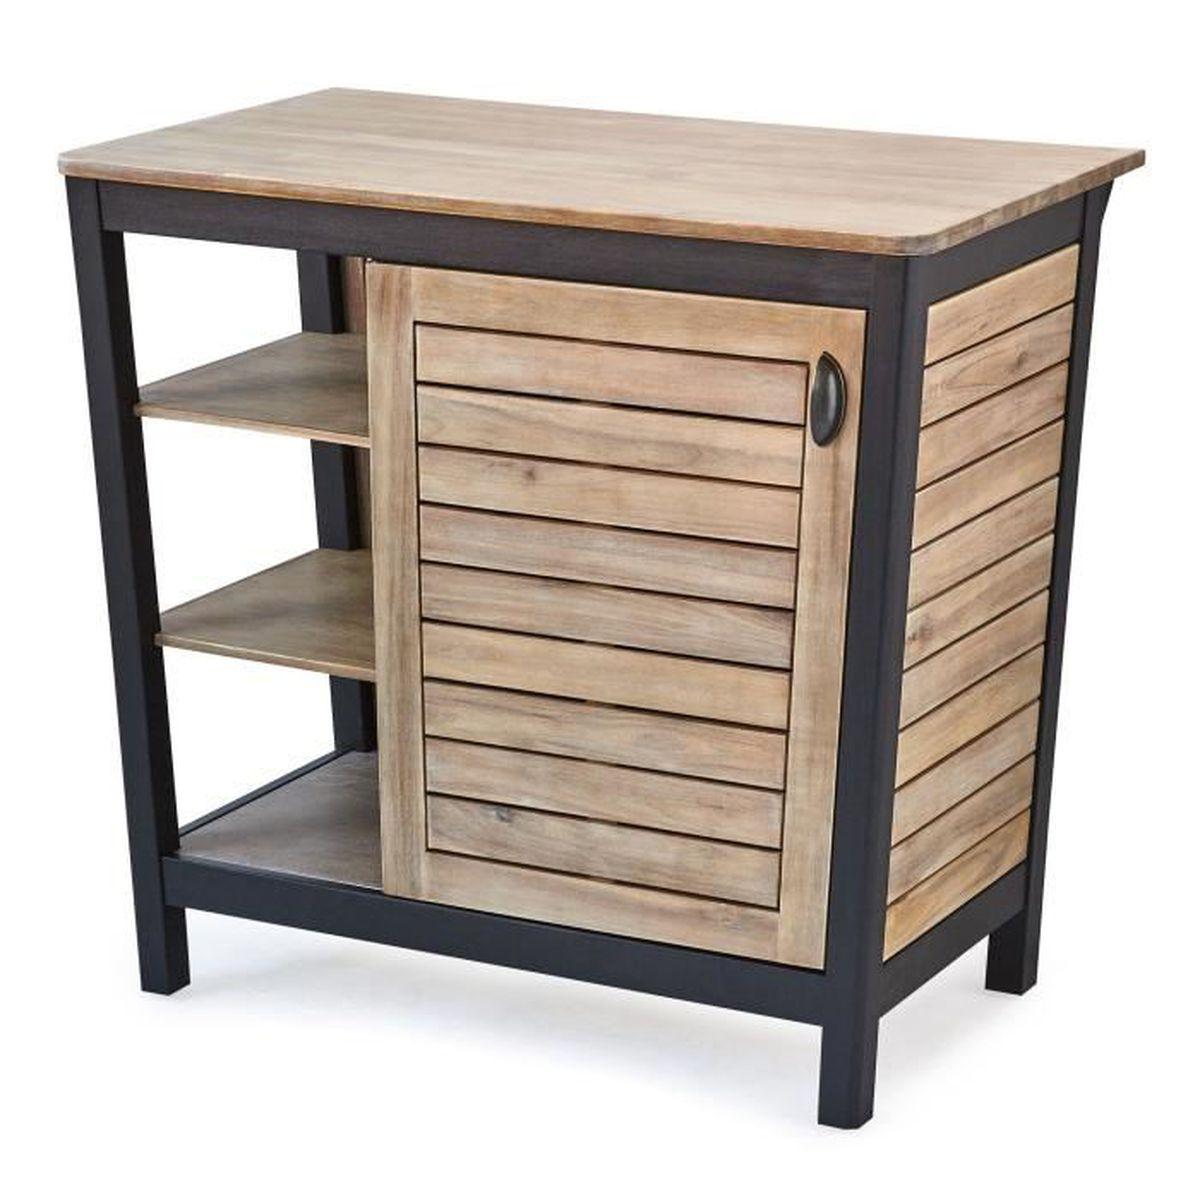 Pitaya meuble de salle de bains en acacia massif 90cm achat vente meuble - Meuble en acacia massif ...